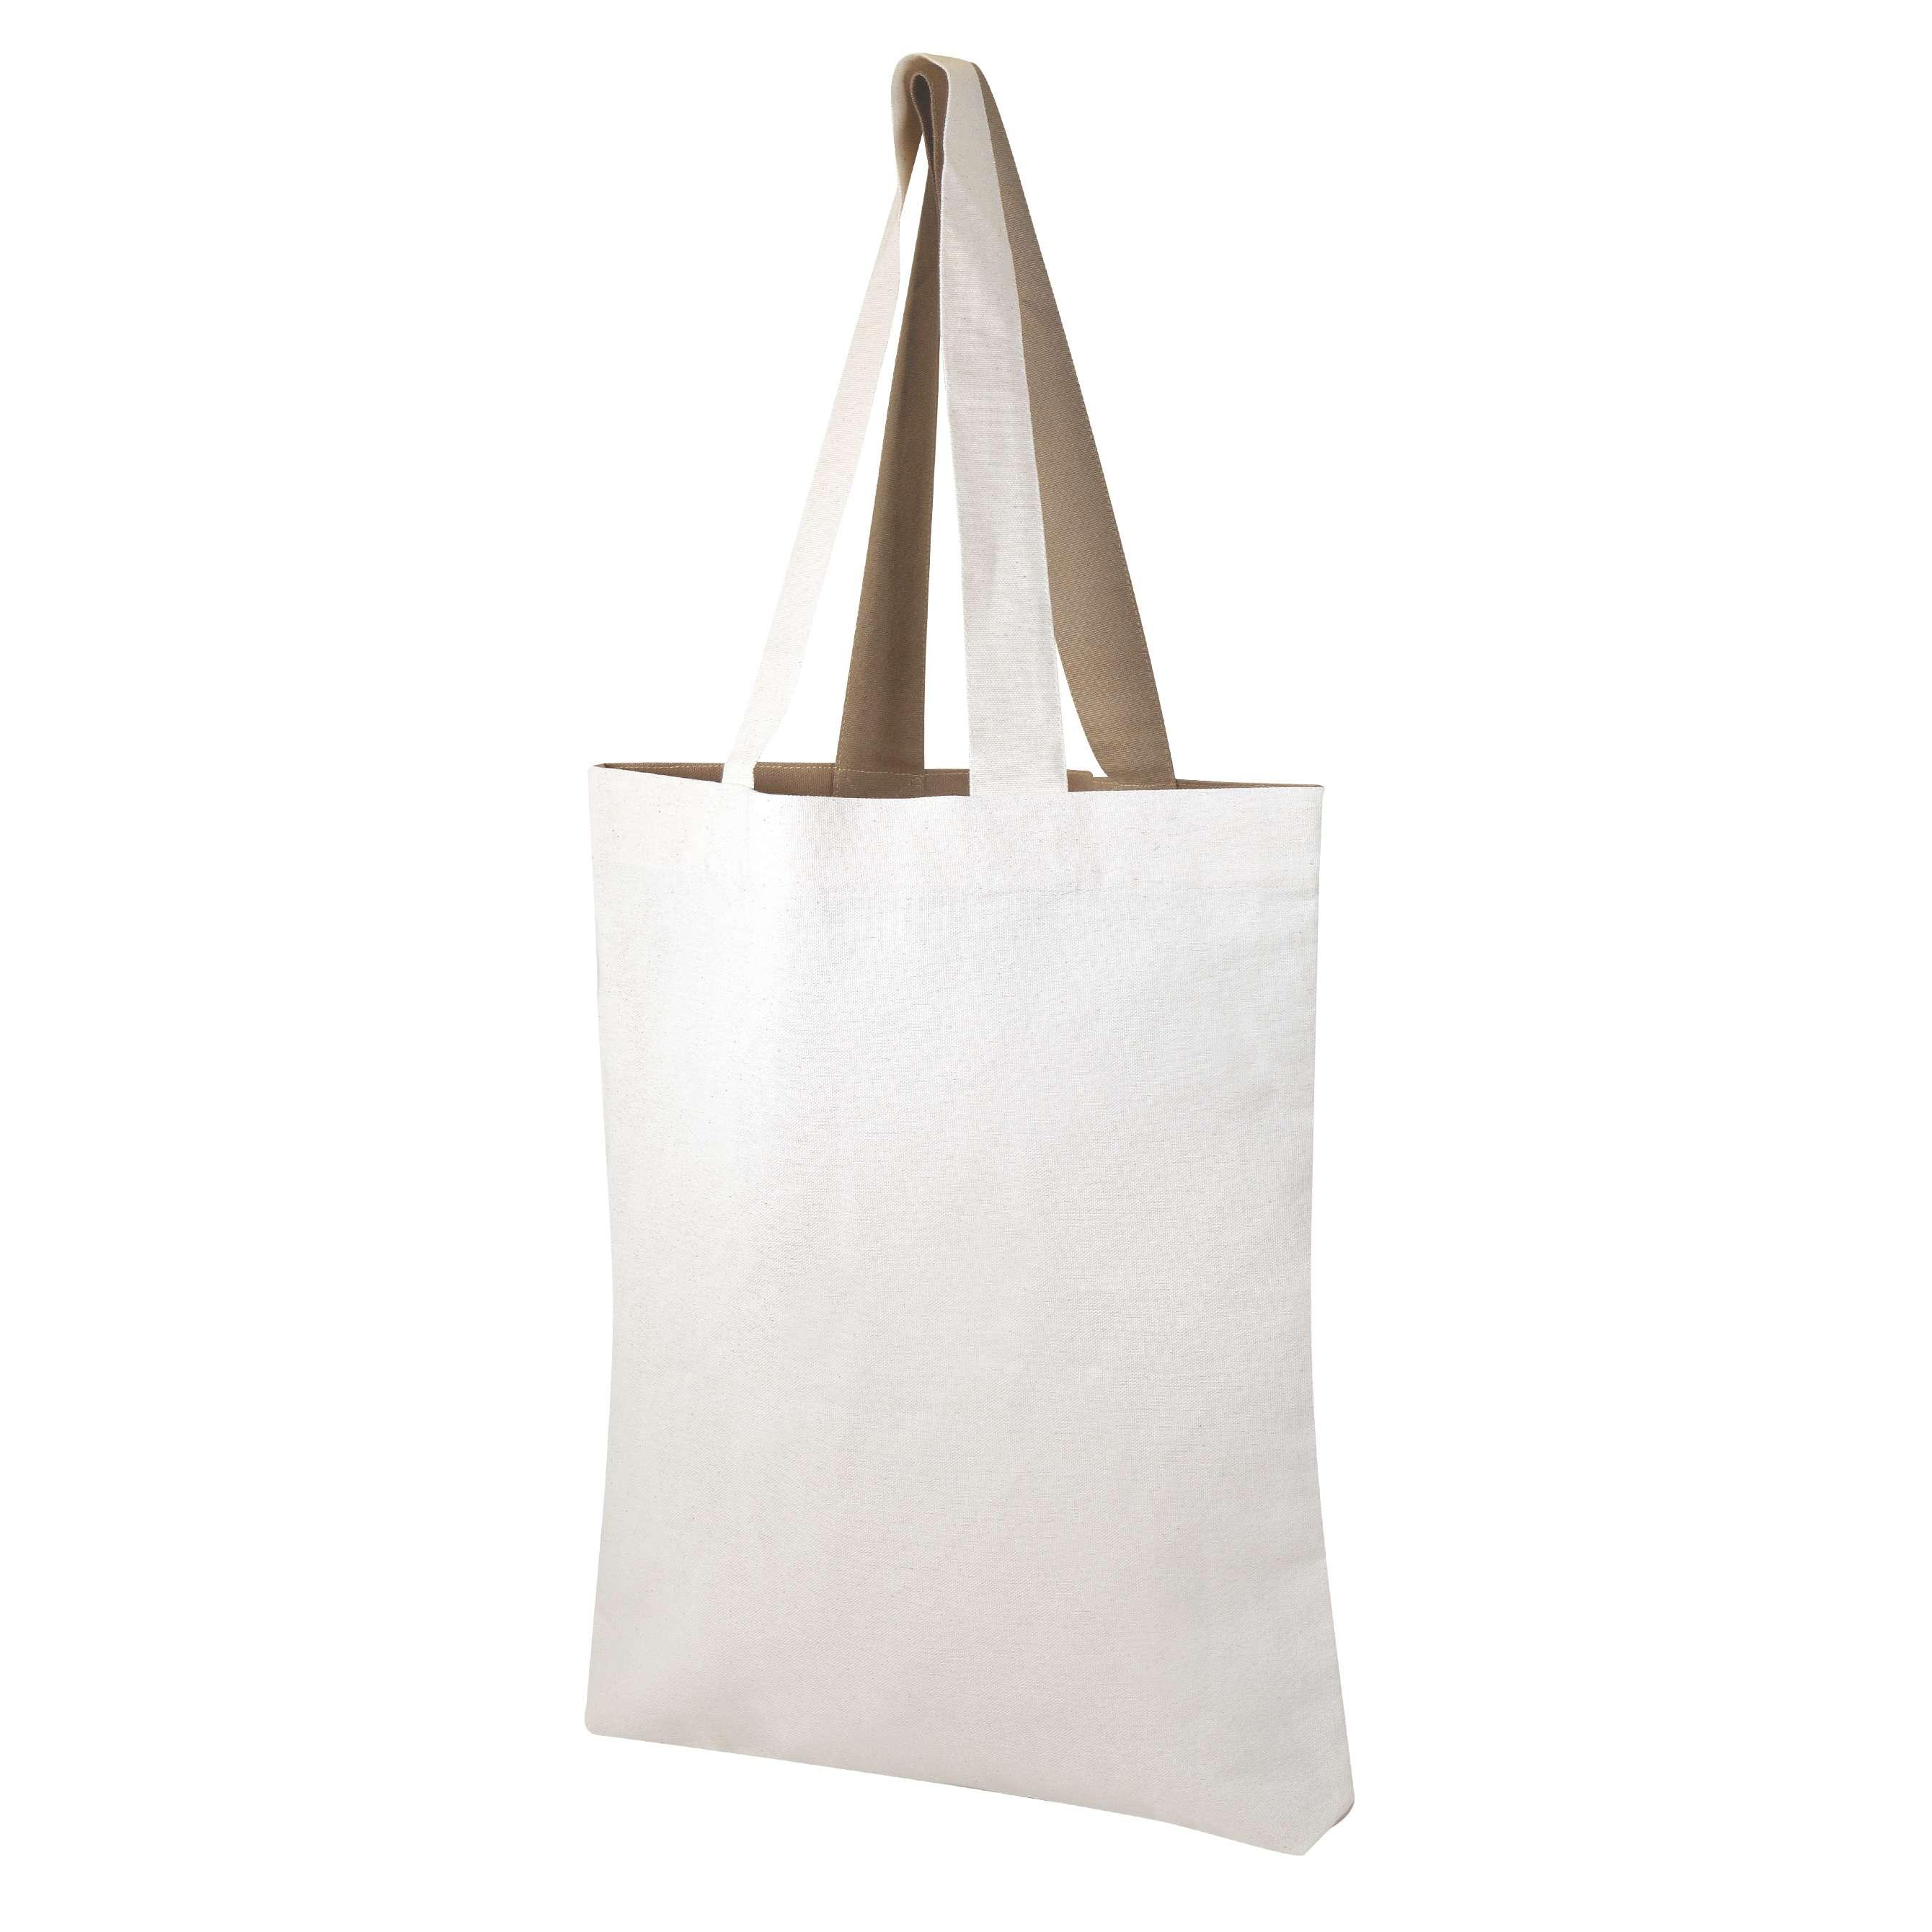 Sac shopping publicitaire écologique Visversa - Totebag  personnalisé bicolore